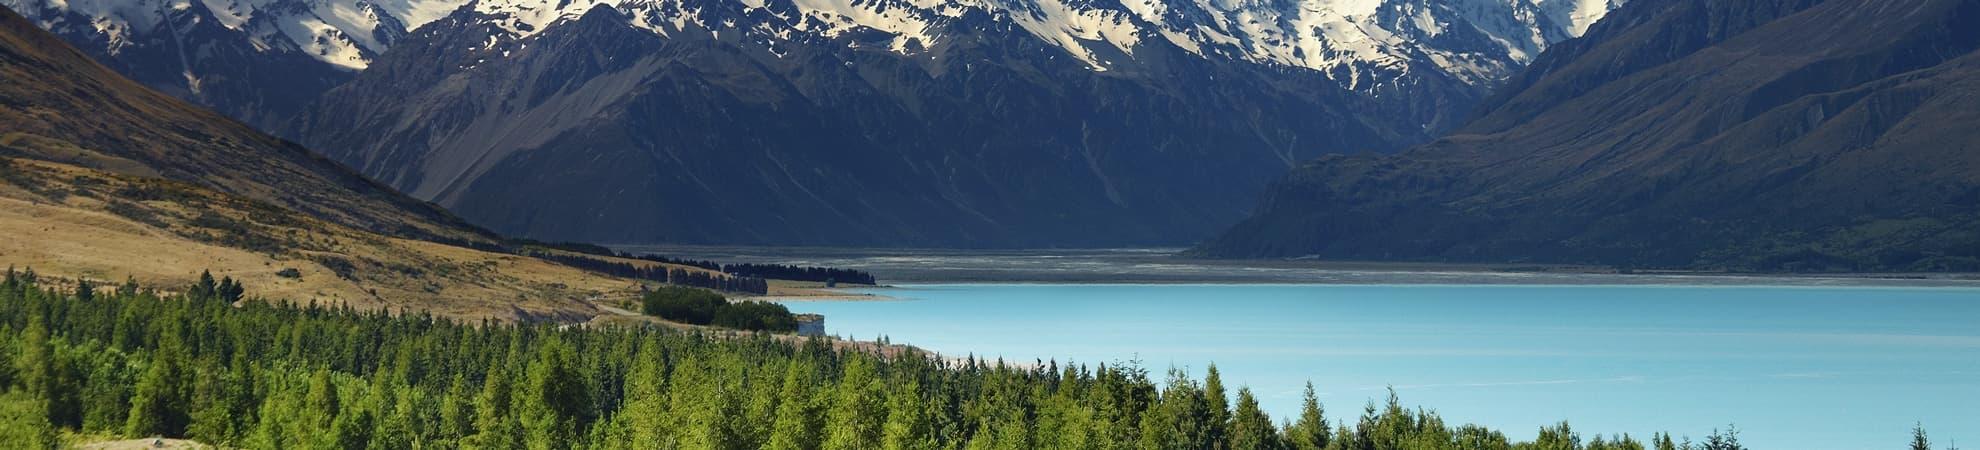 Tous nos voyages Nouvelle Zélande